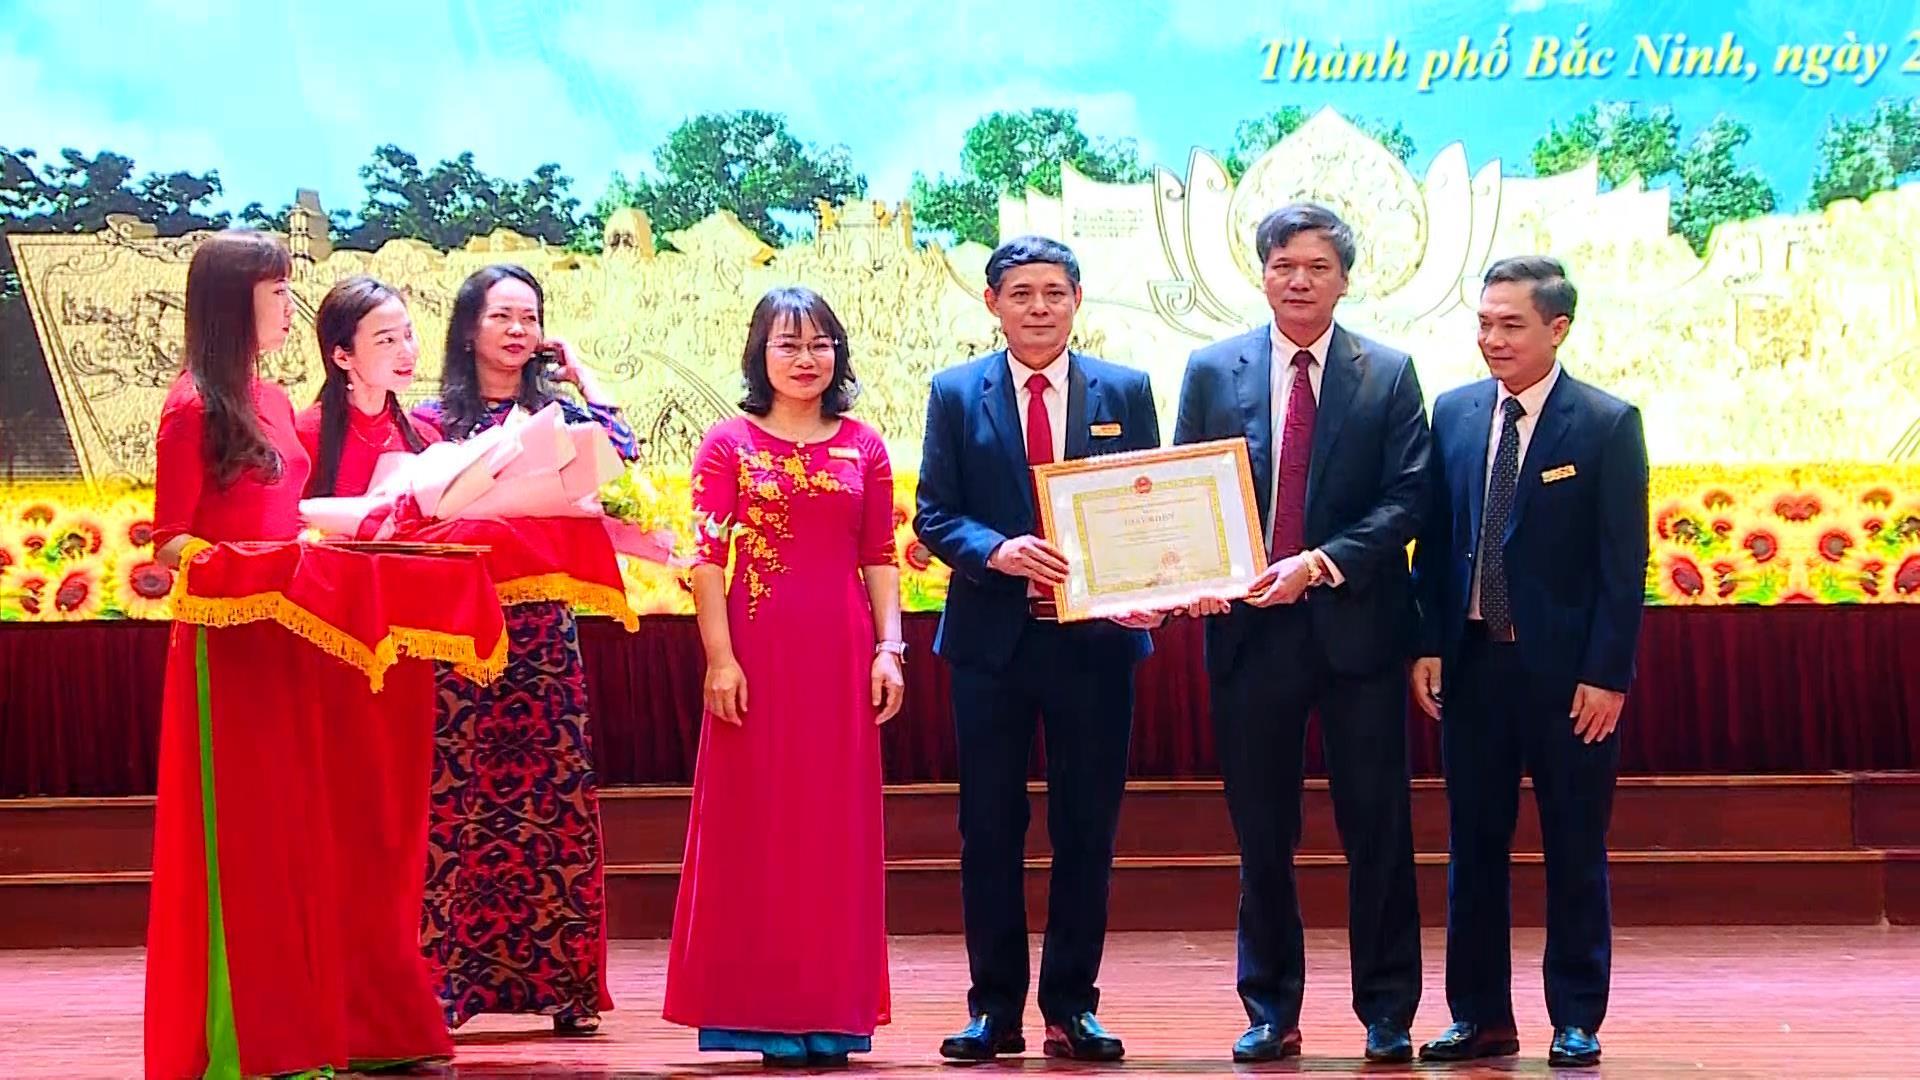 Kỳ thi học sinh giỏi cấp tỉnh – Thành phố Bắc Ninh nhất tuyệt đối